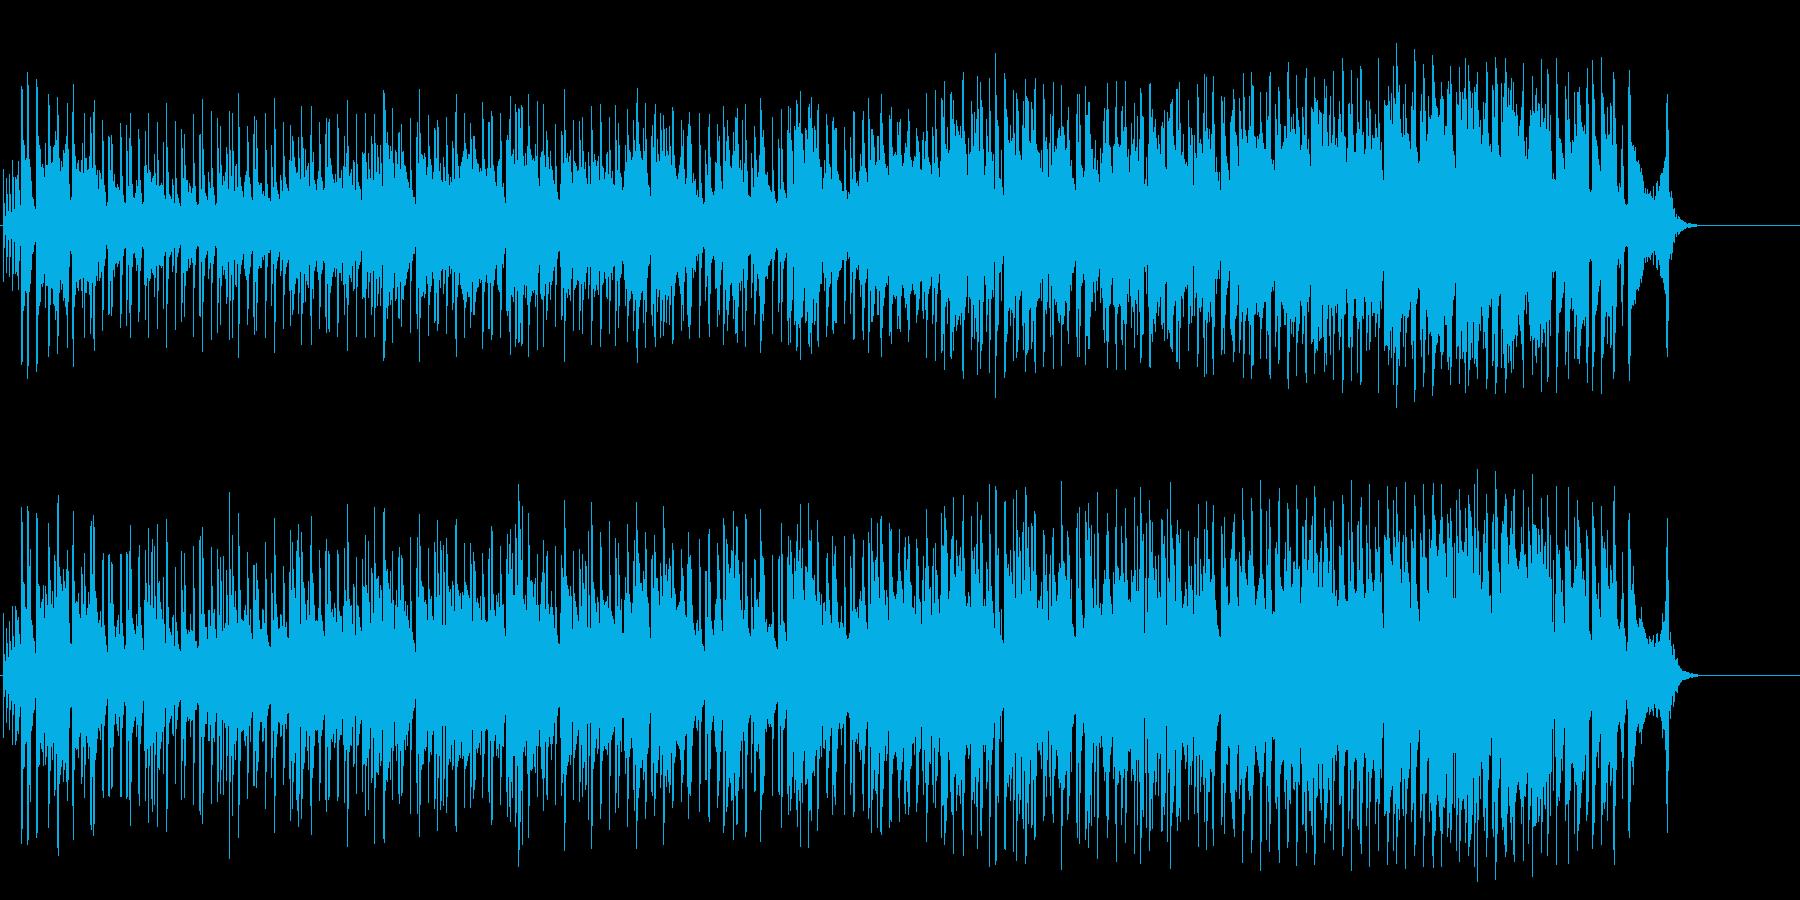 ご機嫌なR&B風ポップ/BGの再生済みの波形